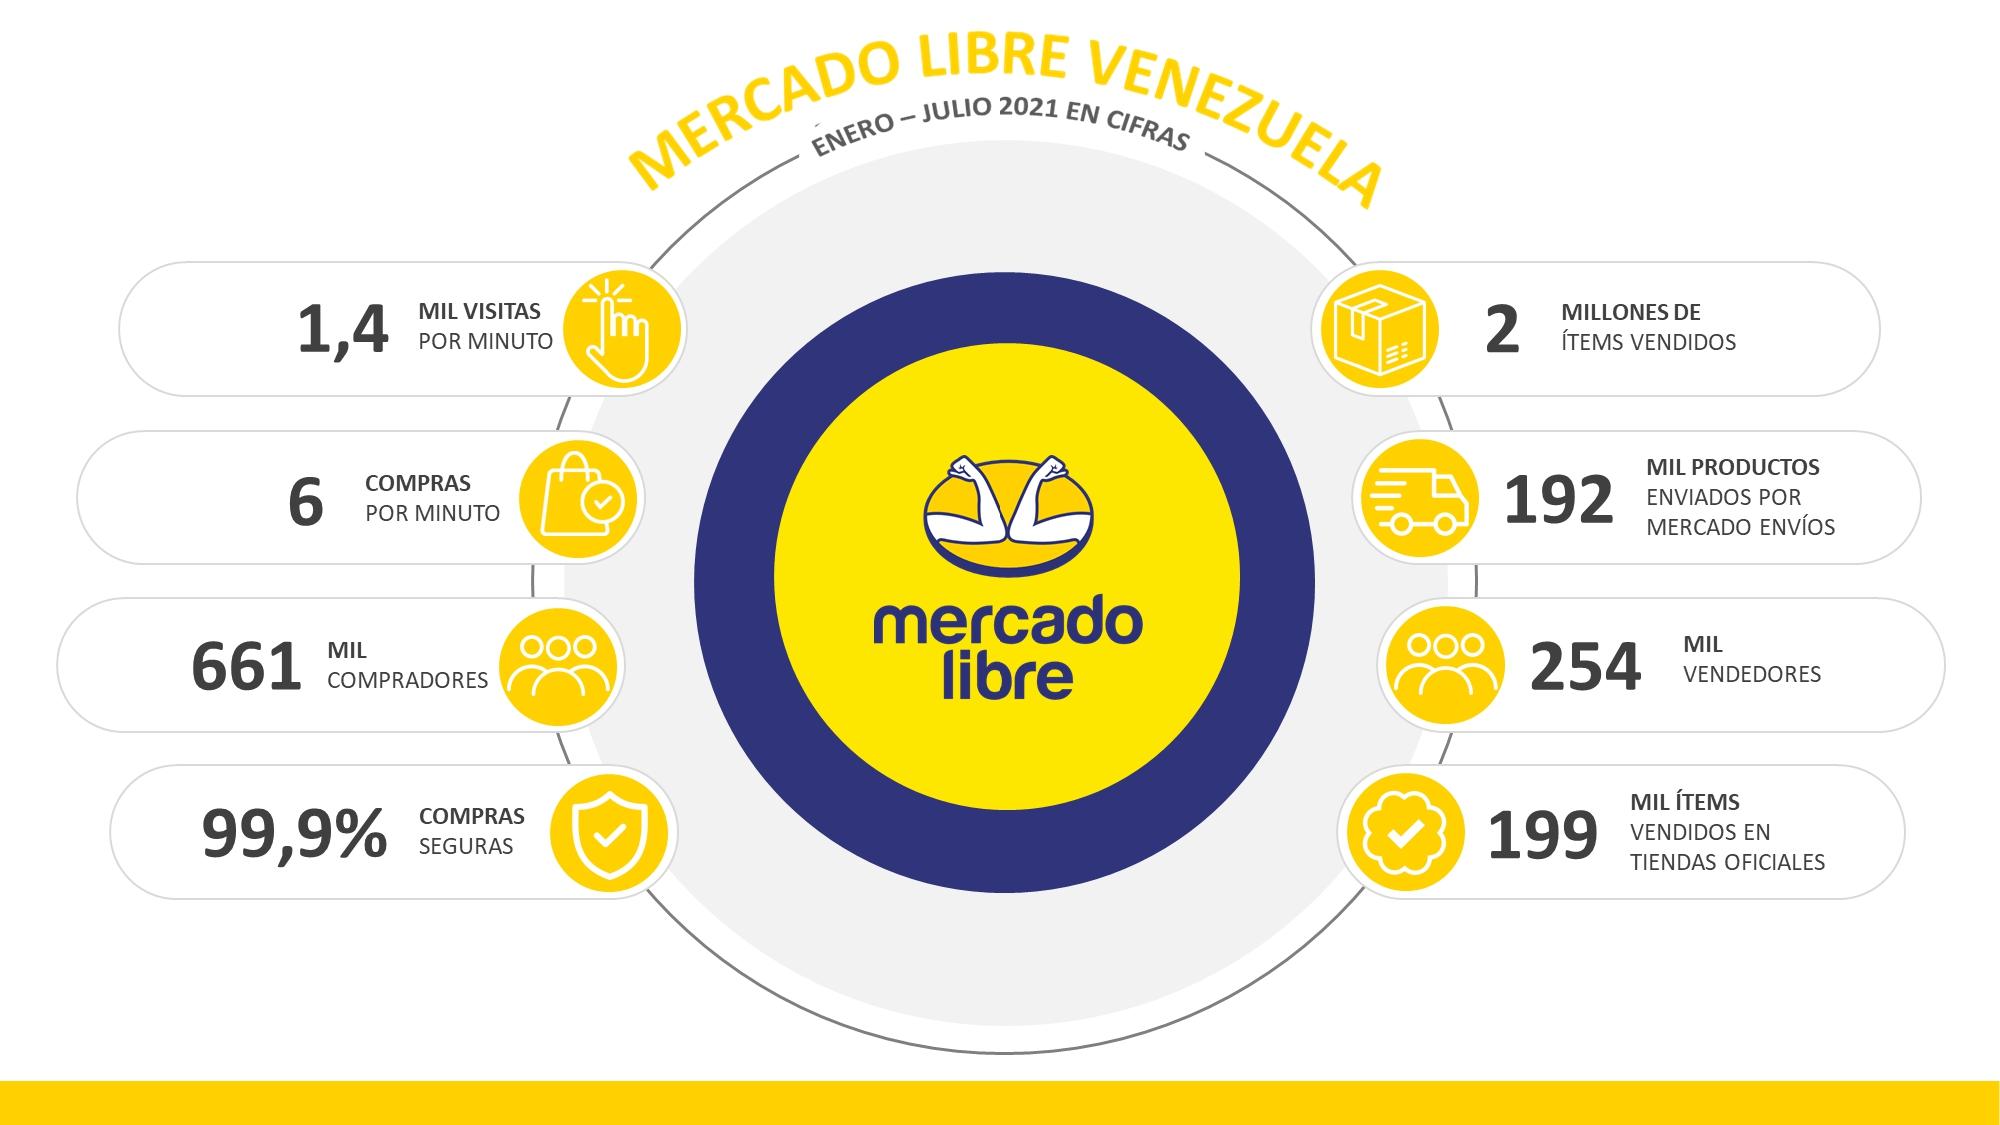 Mercado Libre impulsa el comercio electrónico en Venezuela